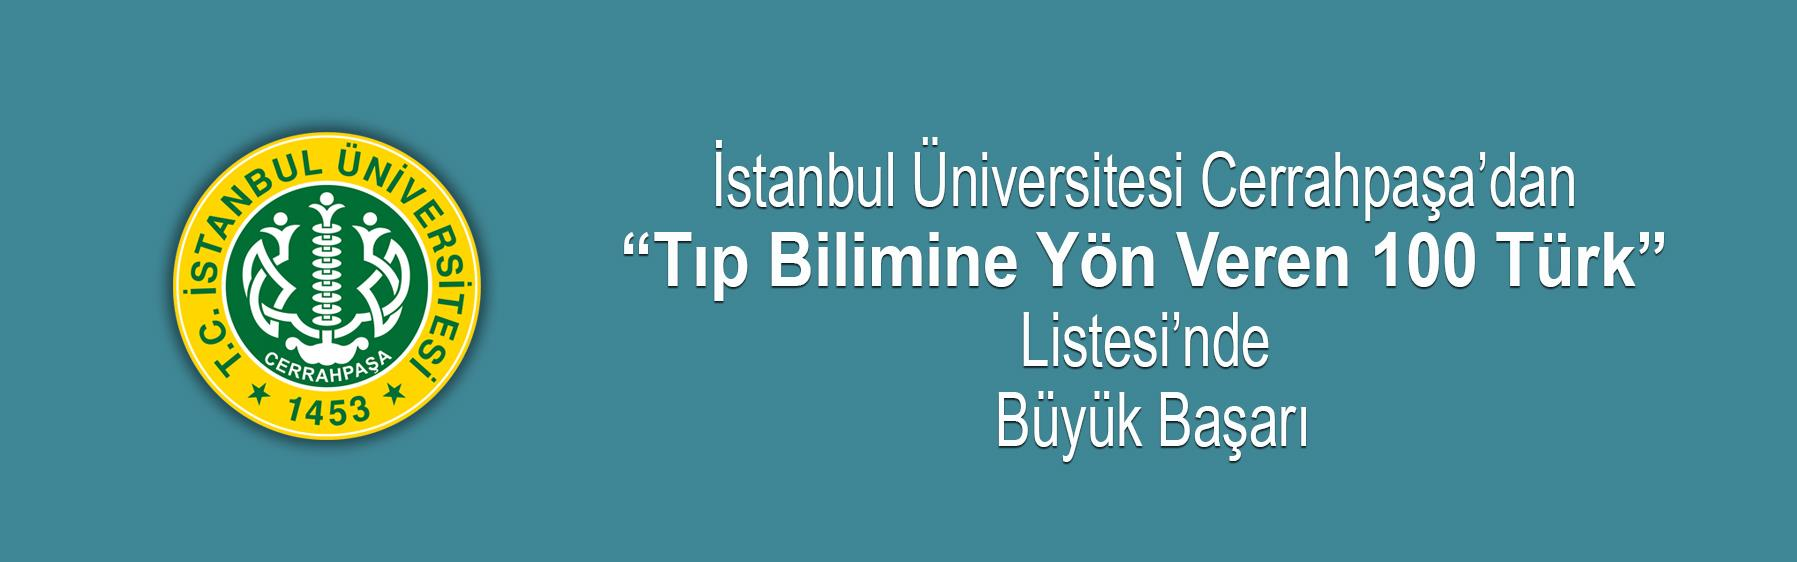 """İstanbul-Üniversitesi-Cerrahpaşa'dan-""""Tıp-Bilimine-Yön-Veren-100-Türk""""-Listesi'nde-Büyük-Başarı"""